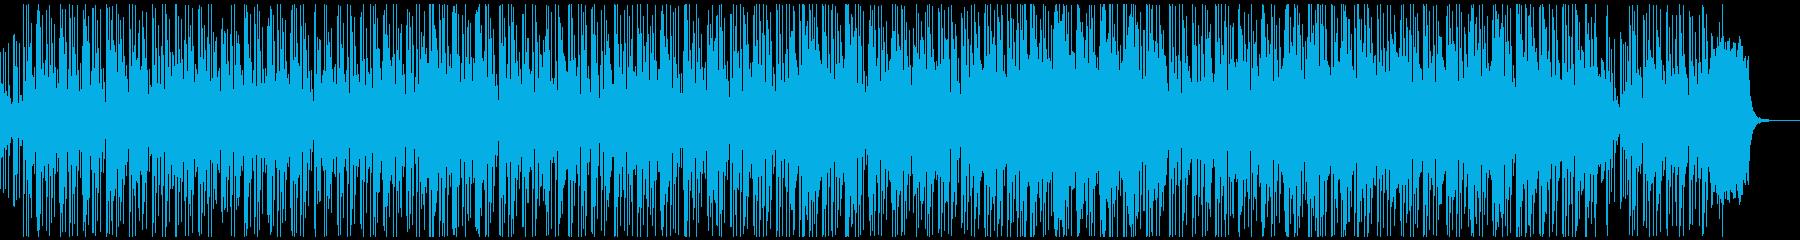 ロシア歌曲「ともしび」シンセアレンジの再生済みの波形